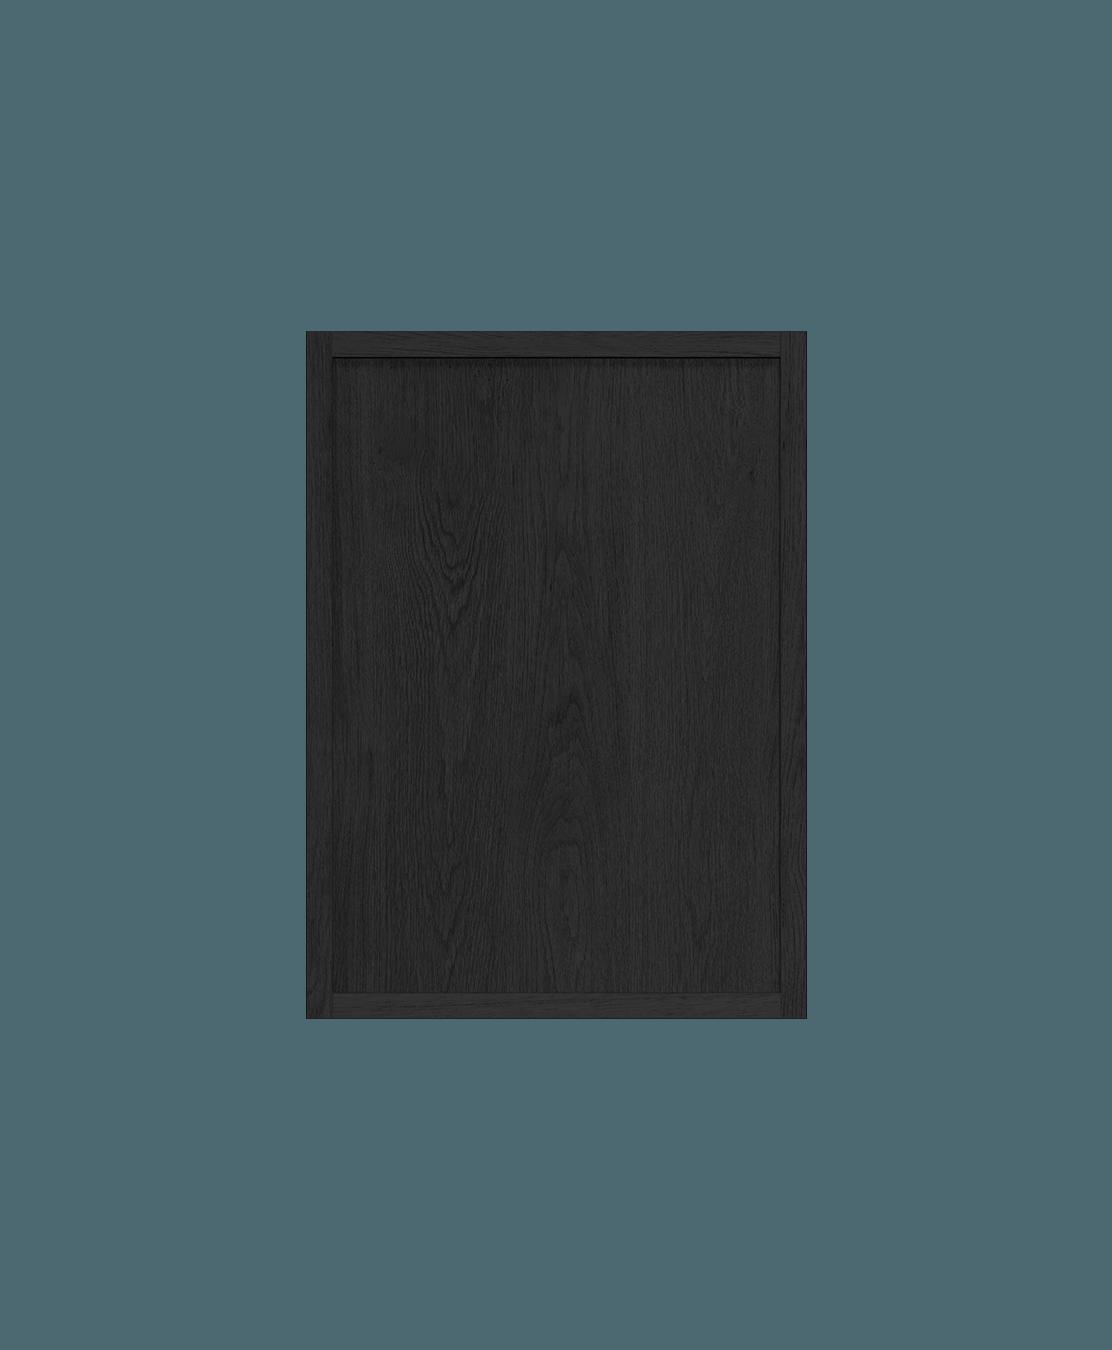 armoire de cuisine modulaire murale vitrée en bois massif coquo radix avec 2 portes en verre chêne teint noir nuit profonde 12 pouces C1-W-2412-0202-BK